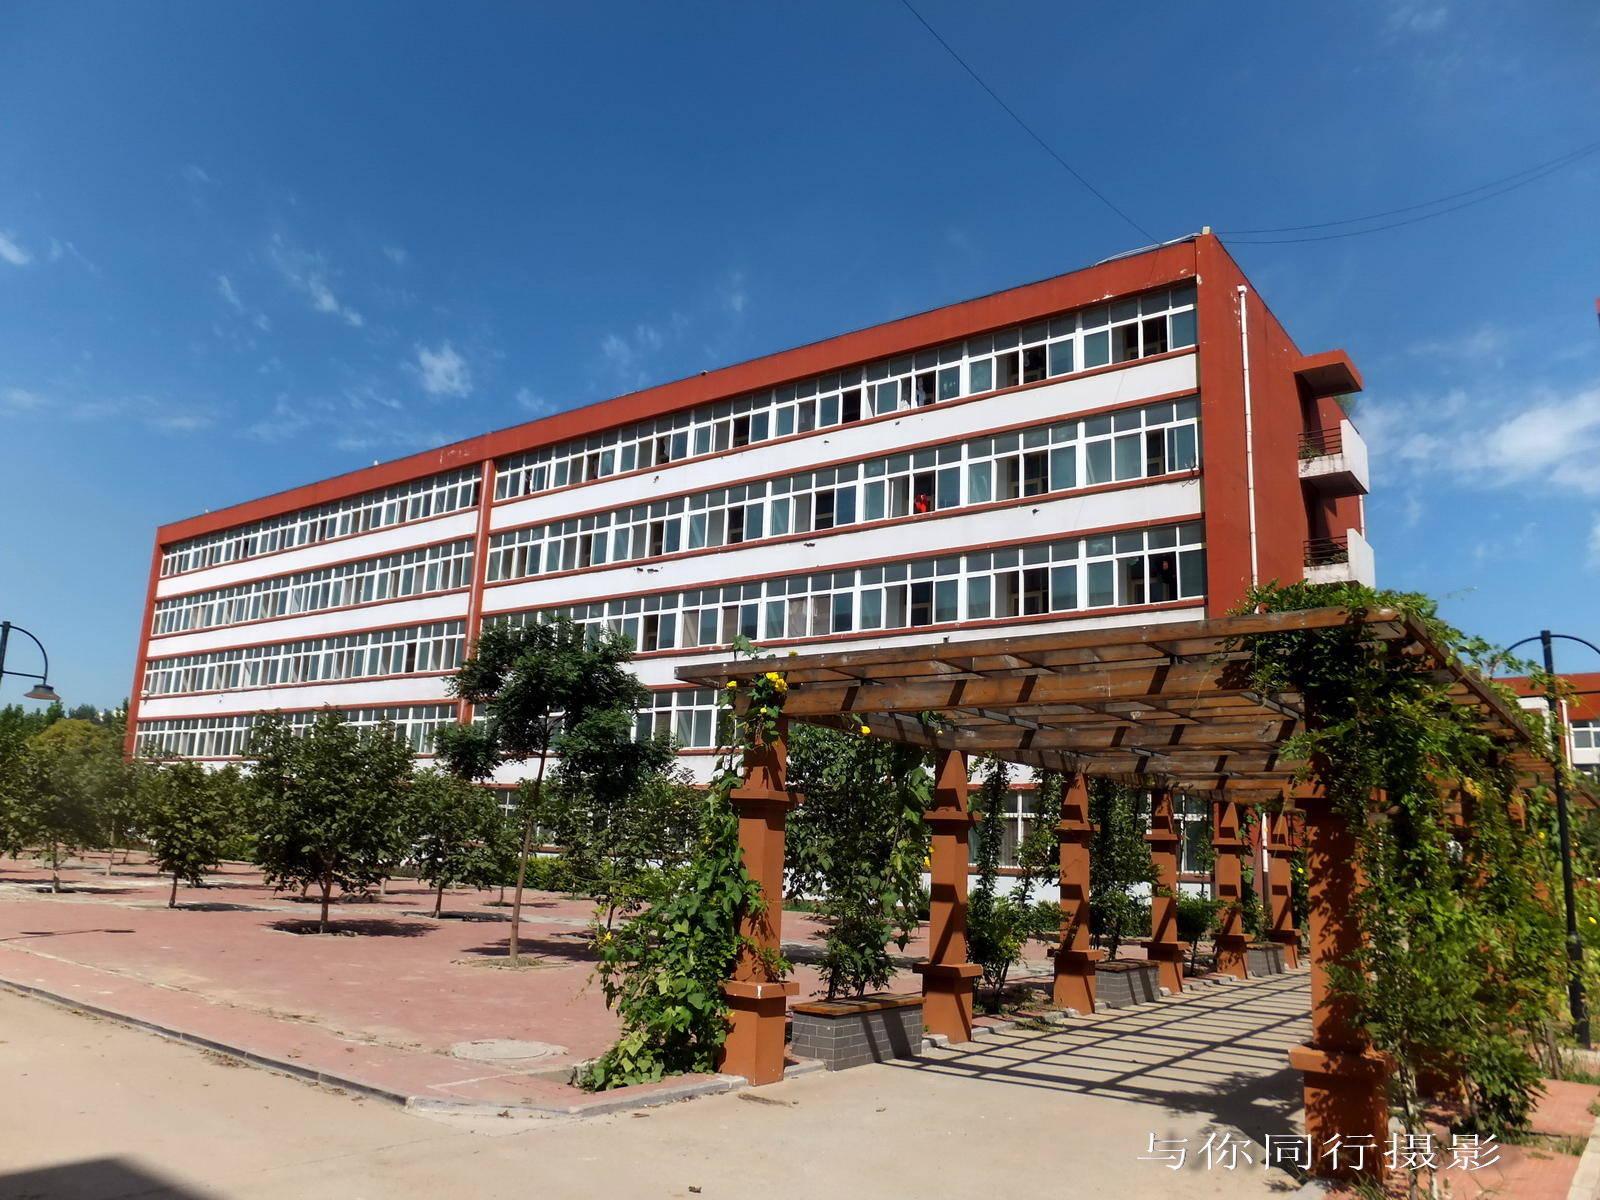 滦县亚搏安卓苹果app技术教育中心